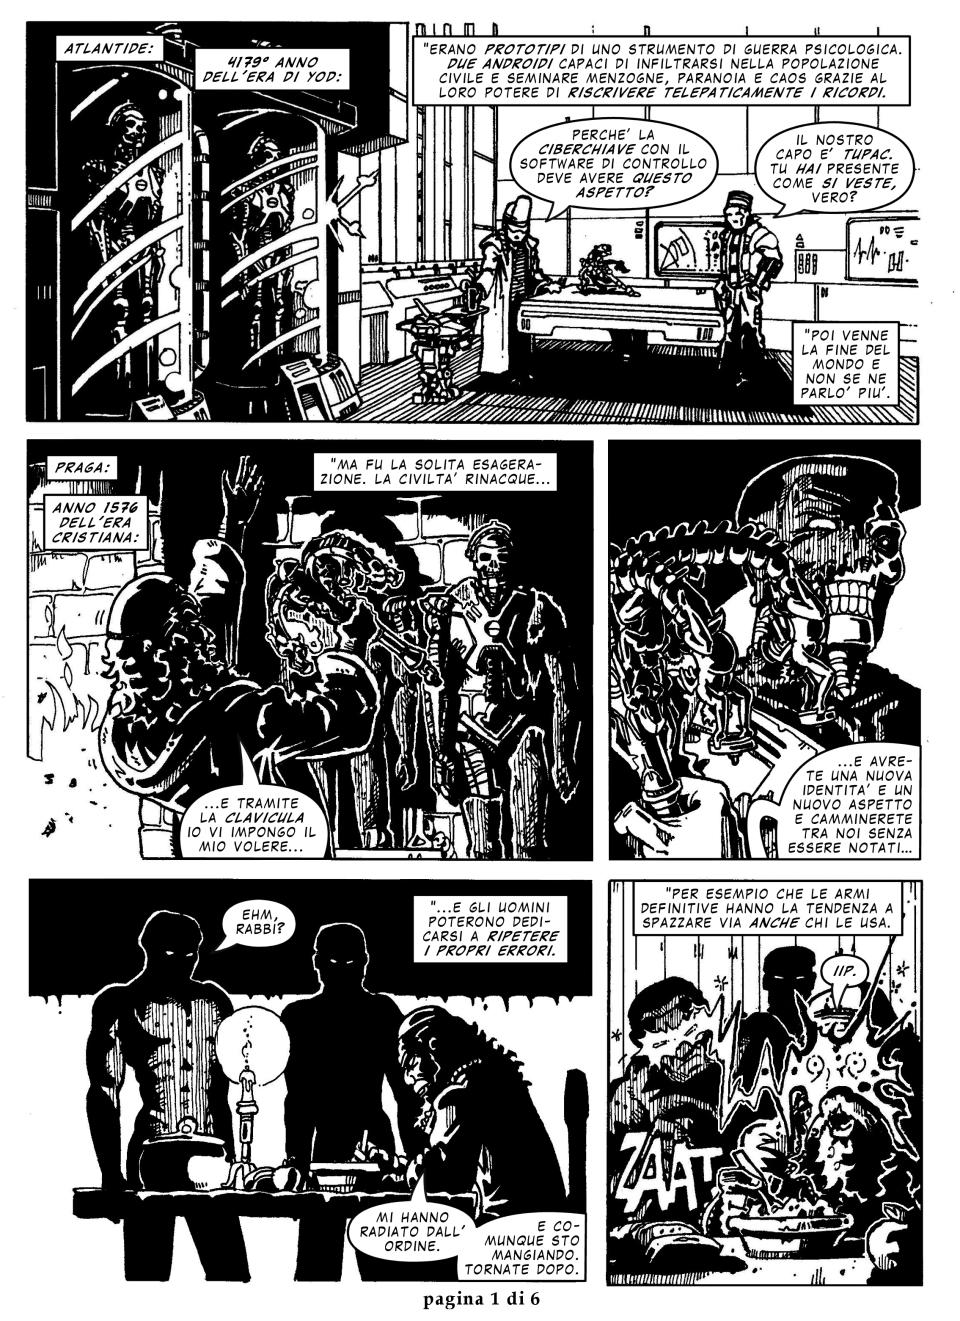 Get a Life 3 - pagina 1